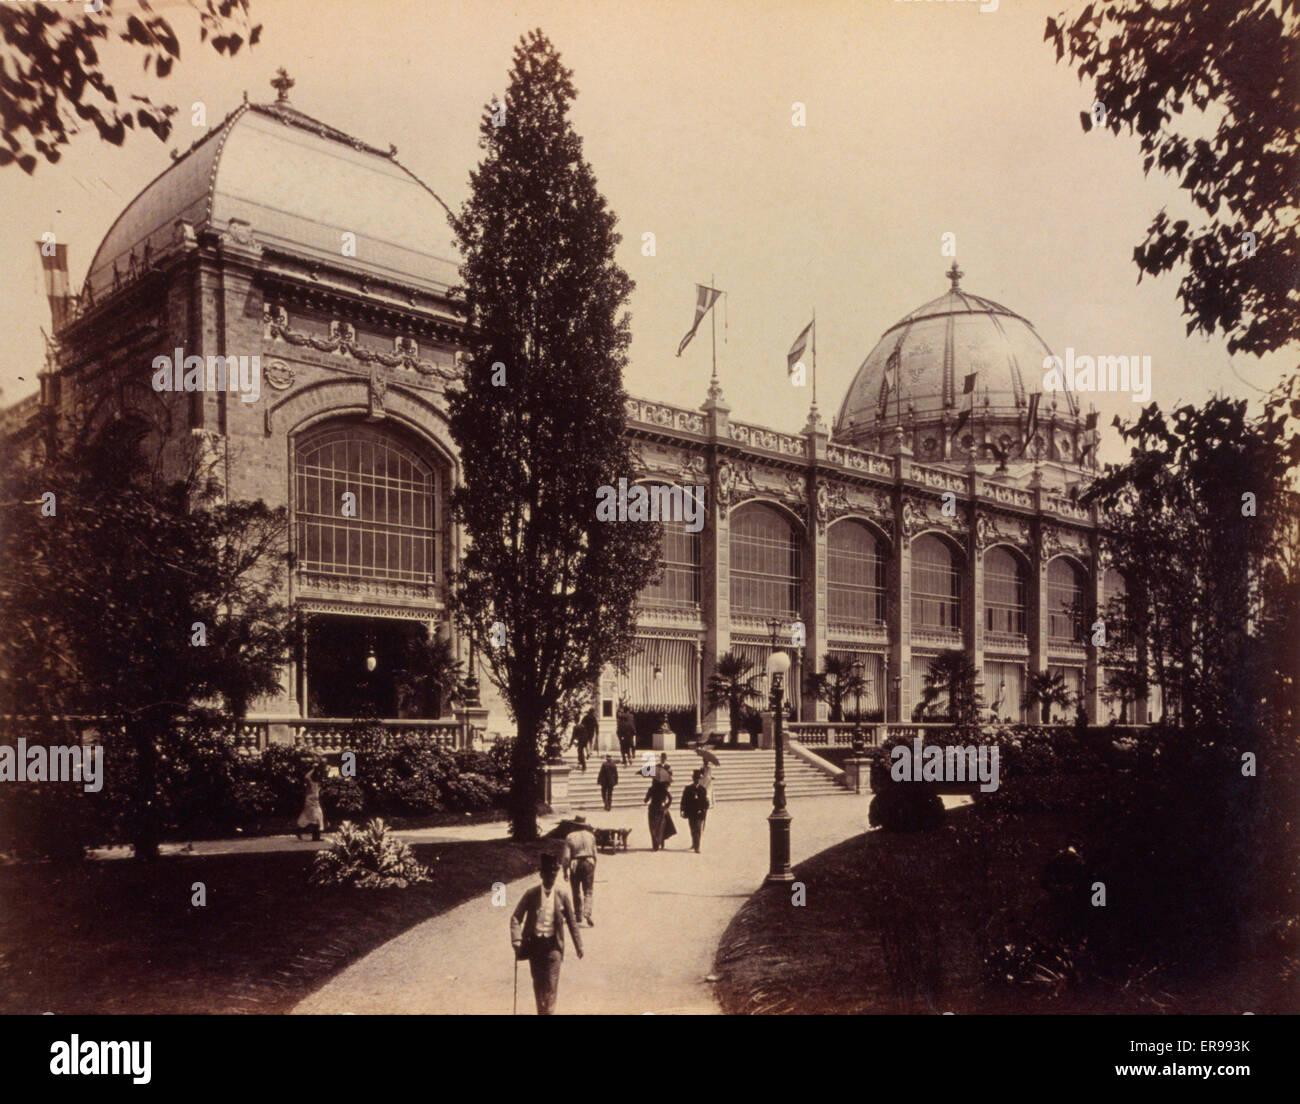 Palais des Beaux Arts, Exposition de Paris, 1889. Date 1889. Photo Stock